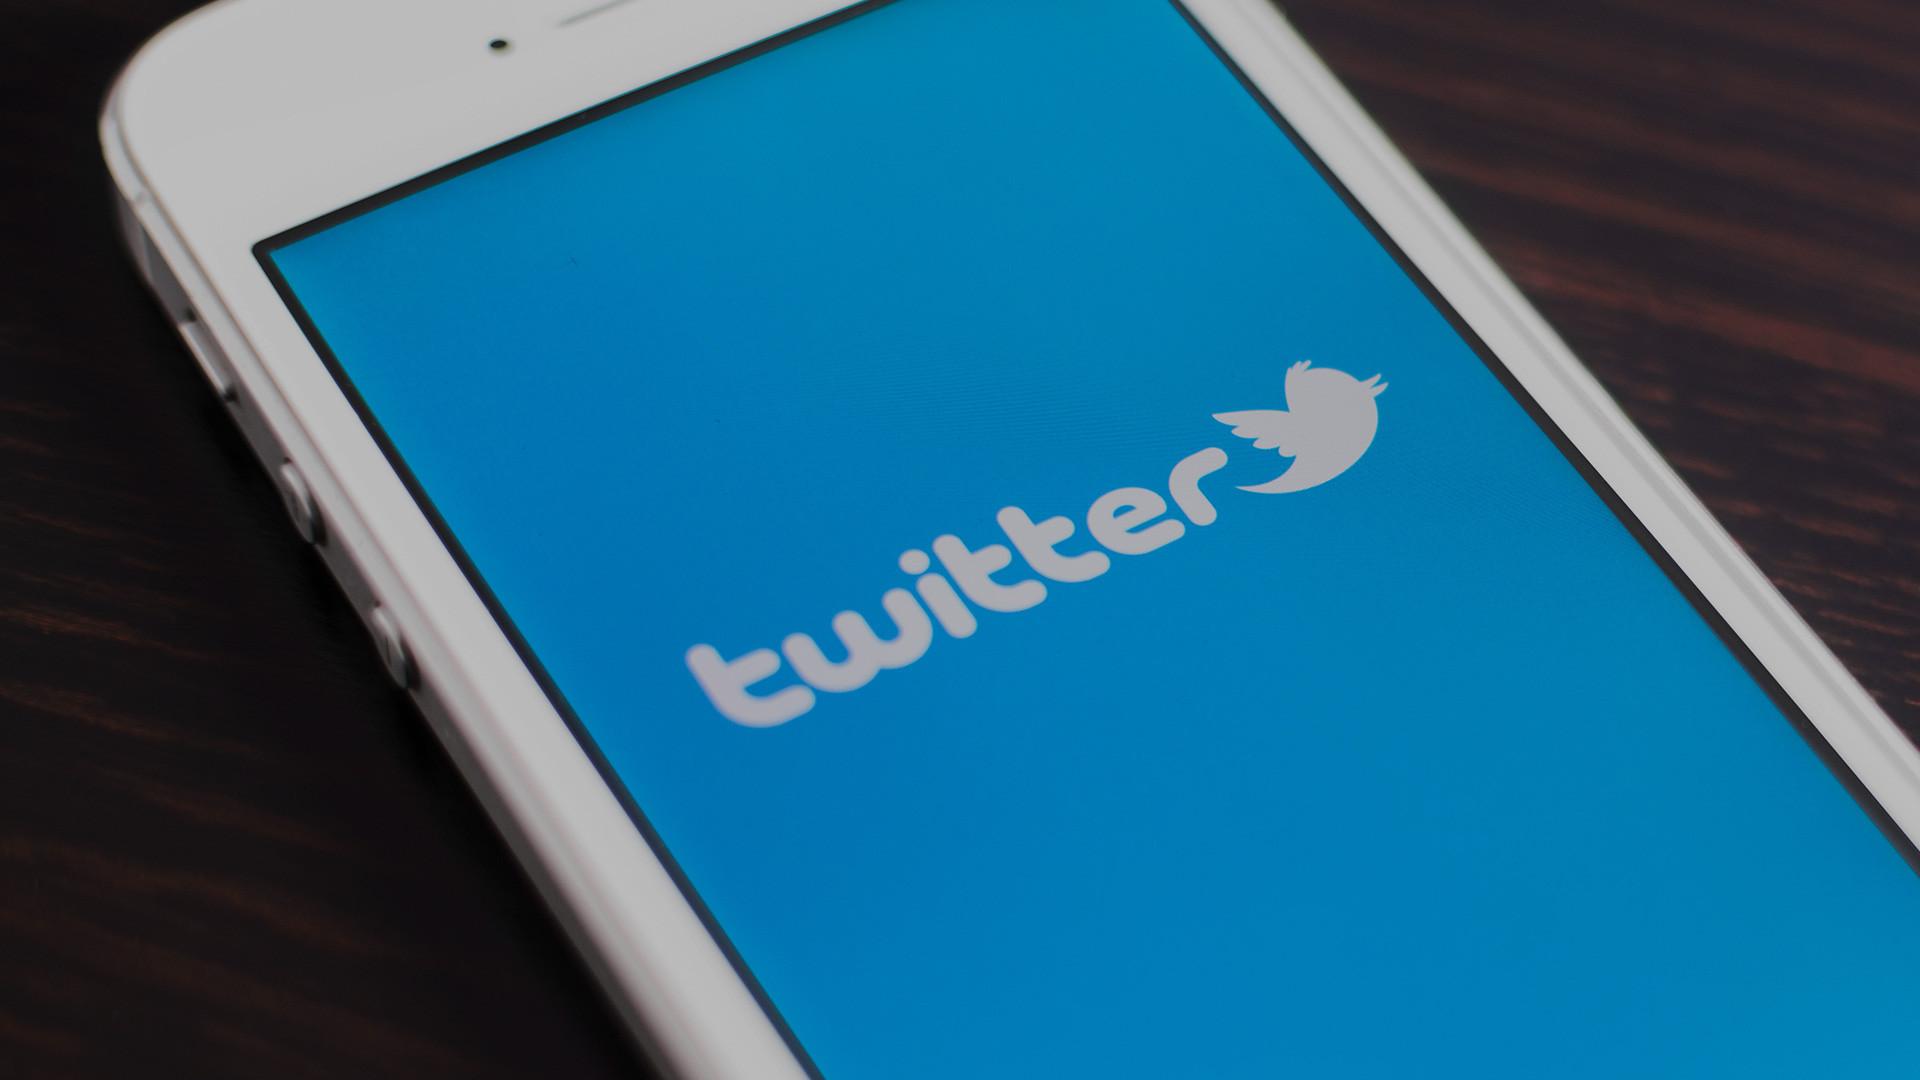 twitter-mobile-iphone-app-ss-1920.jpg